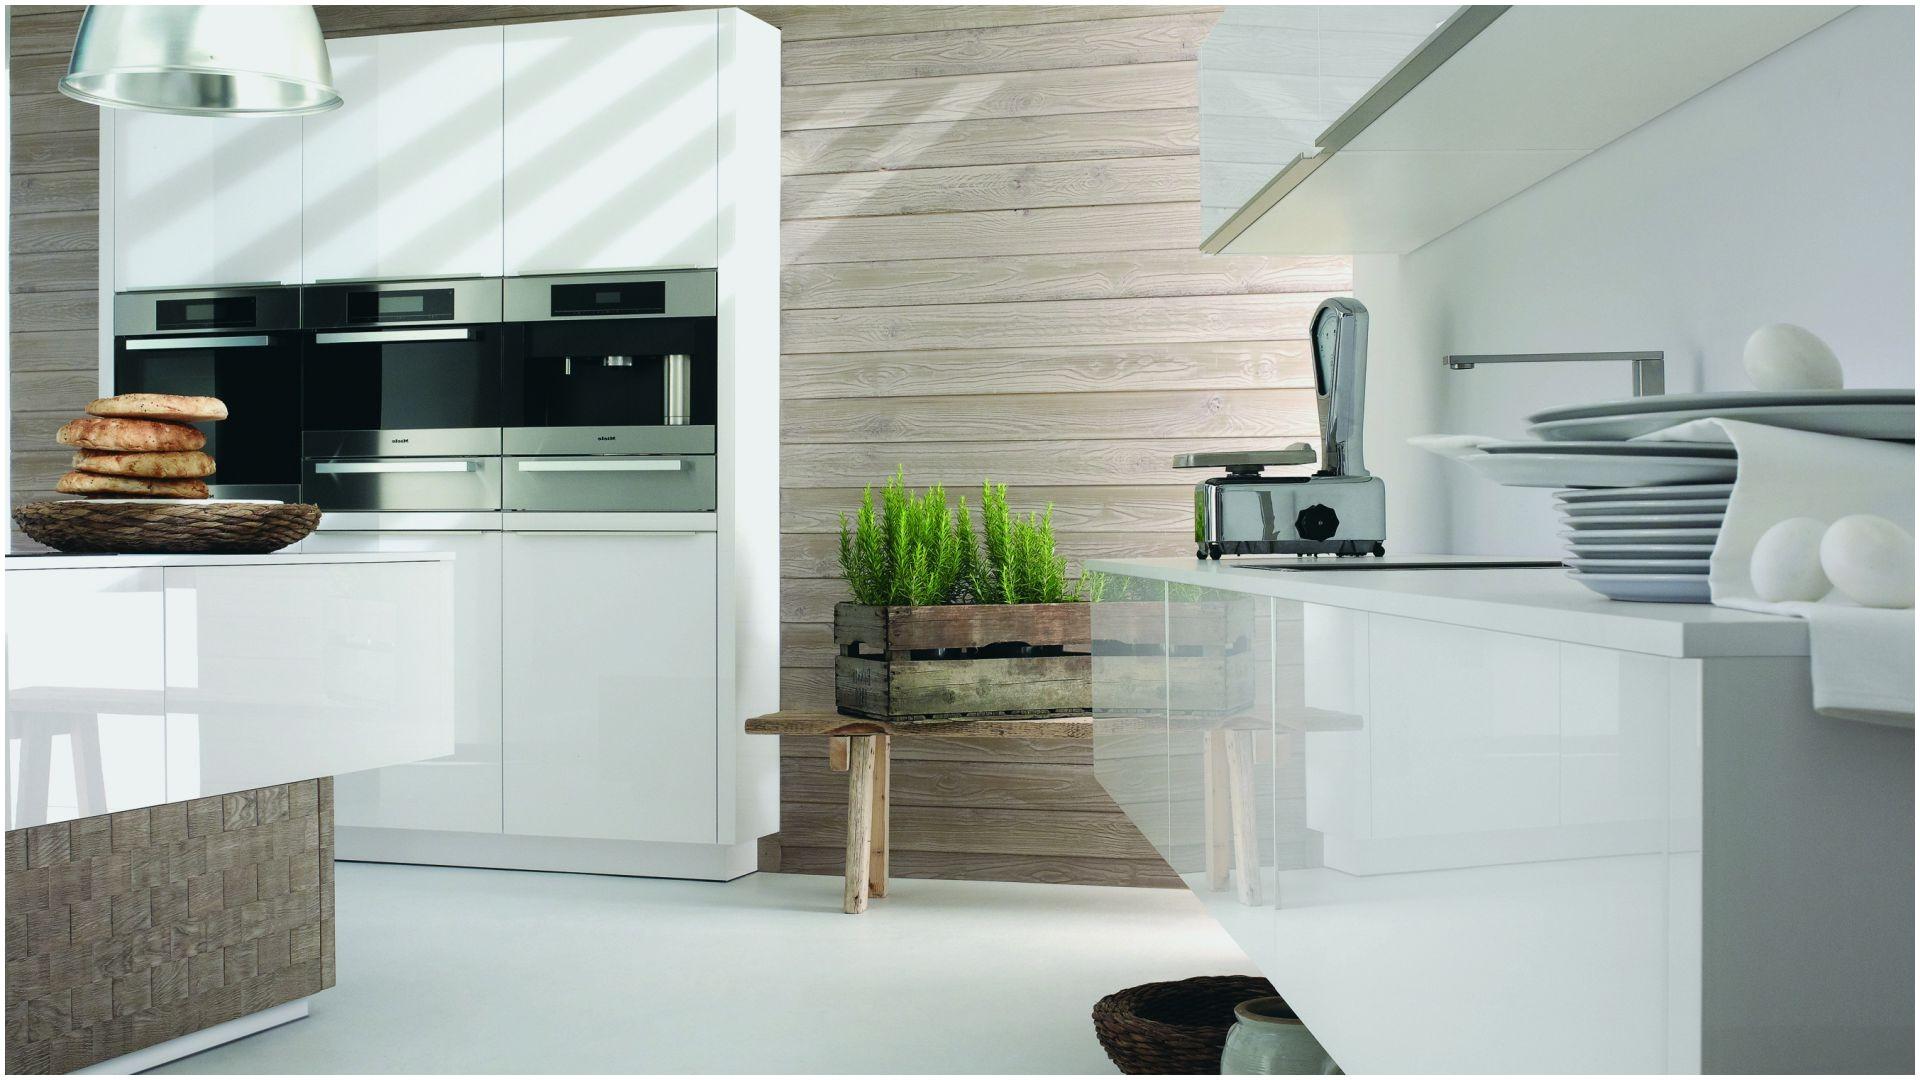 Cuisine Direct Usine Pas Cher Luxe Galerie 19meilleur De Cuisine Direct Fabricant Intérieur De La Maison